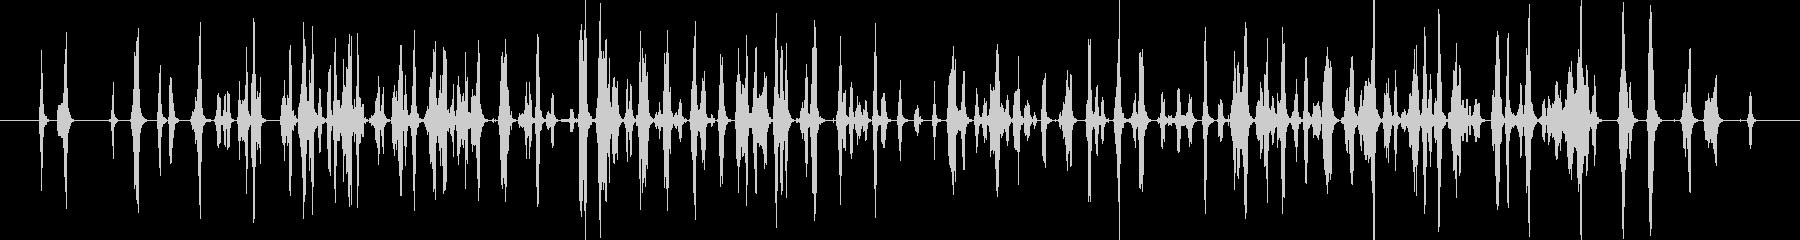 ピピッピピピッ..。小鳥の鳴き声(複数)の未再生の波形